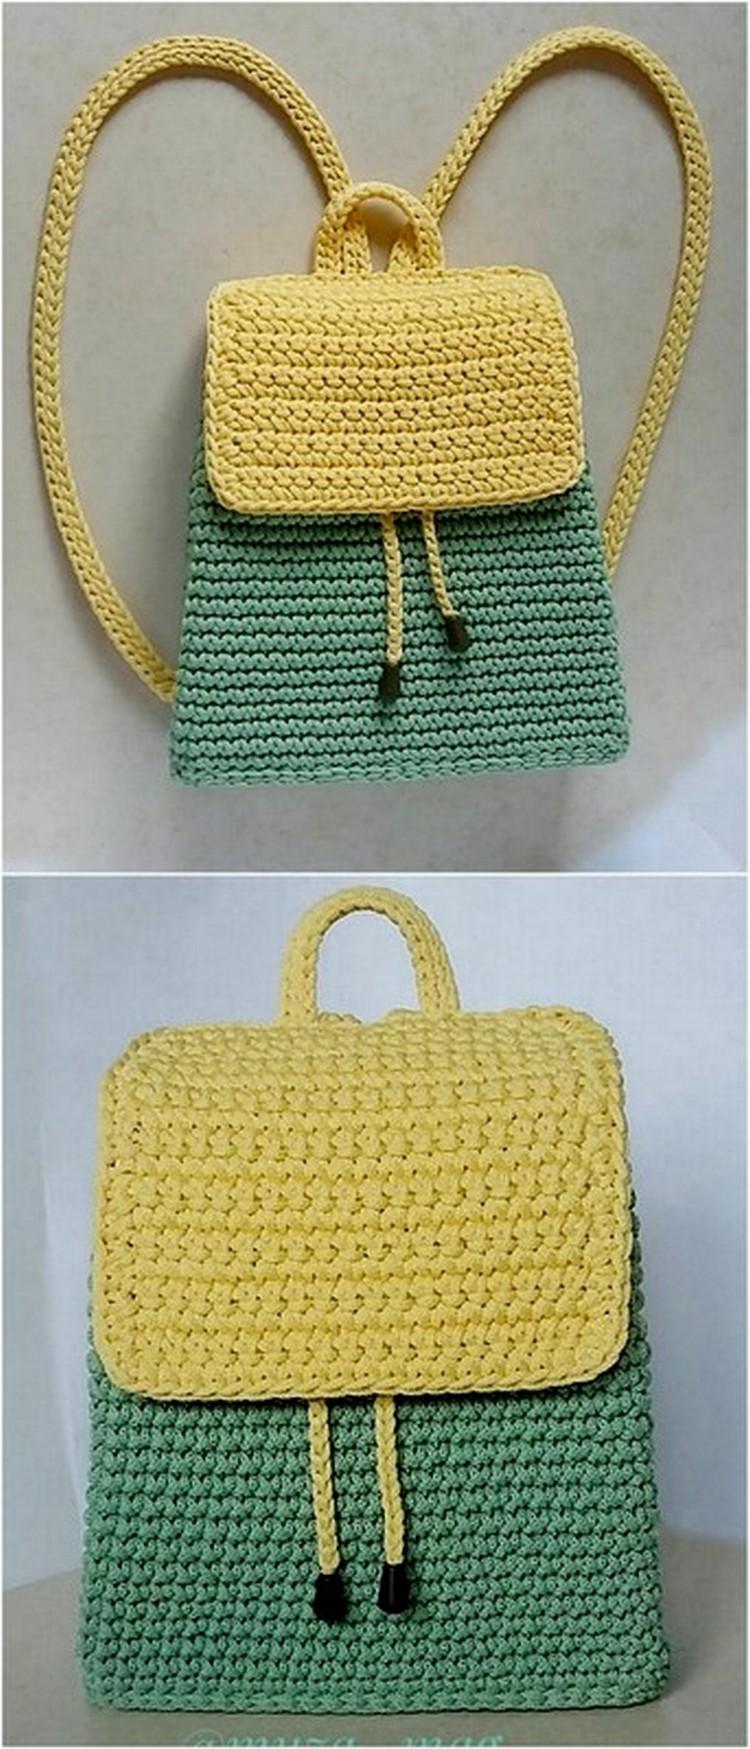 Stylish Bag Pack Free Crochet Pattern